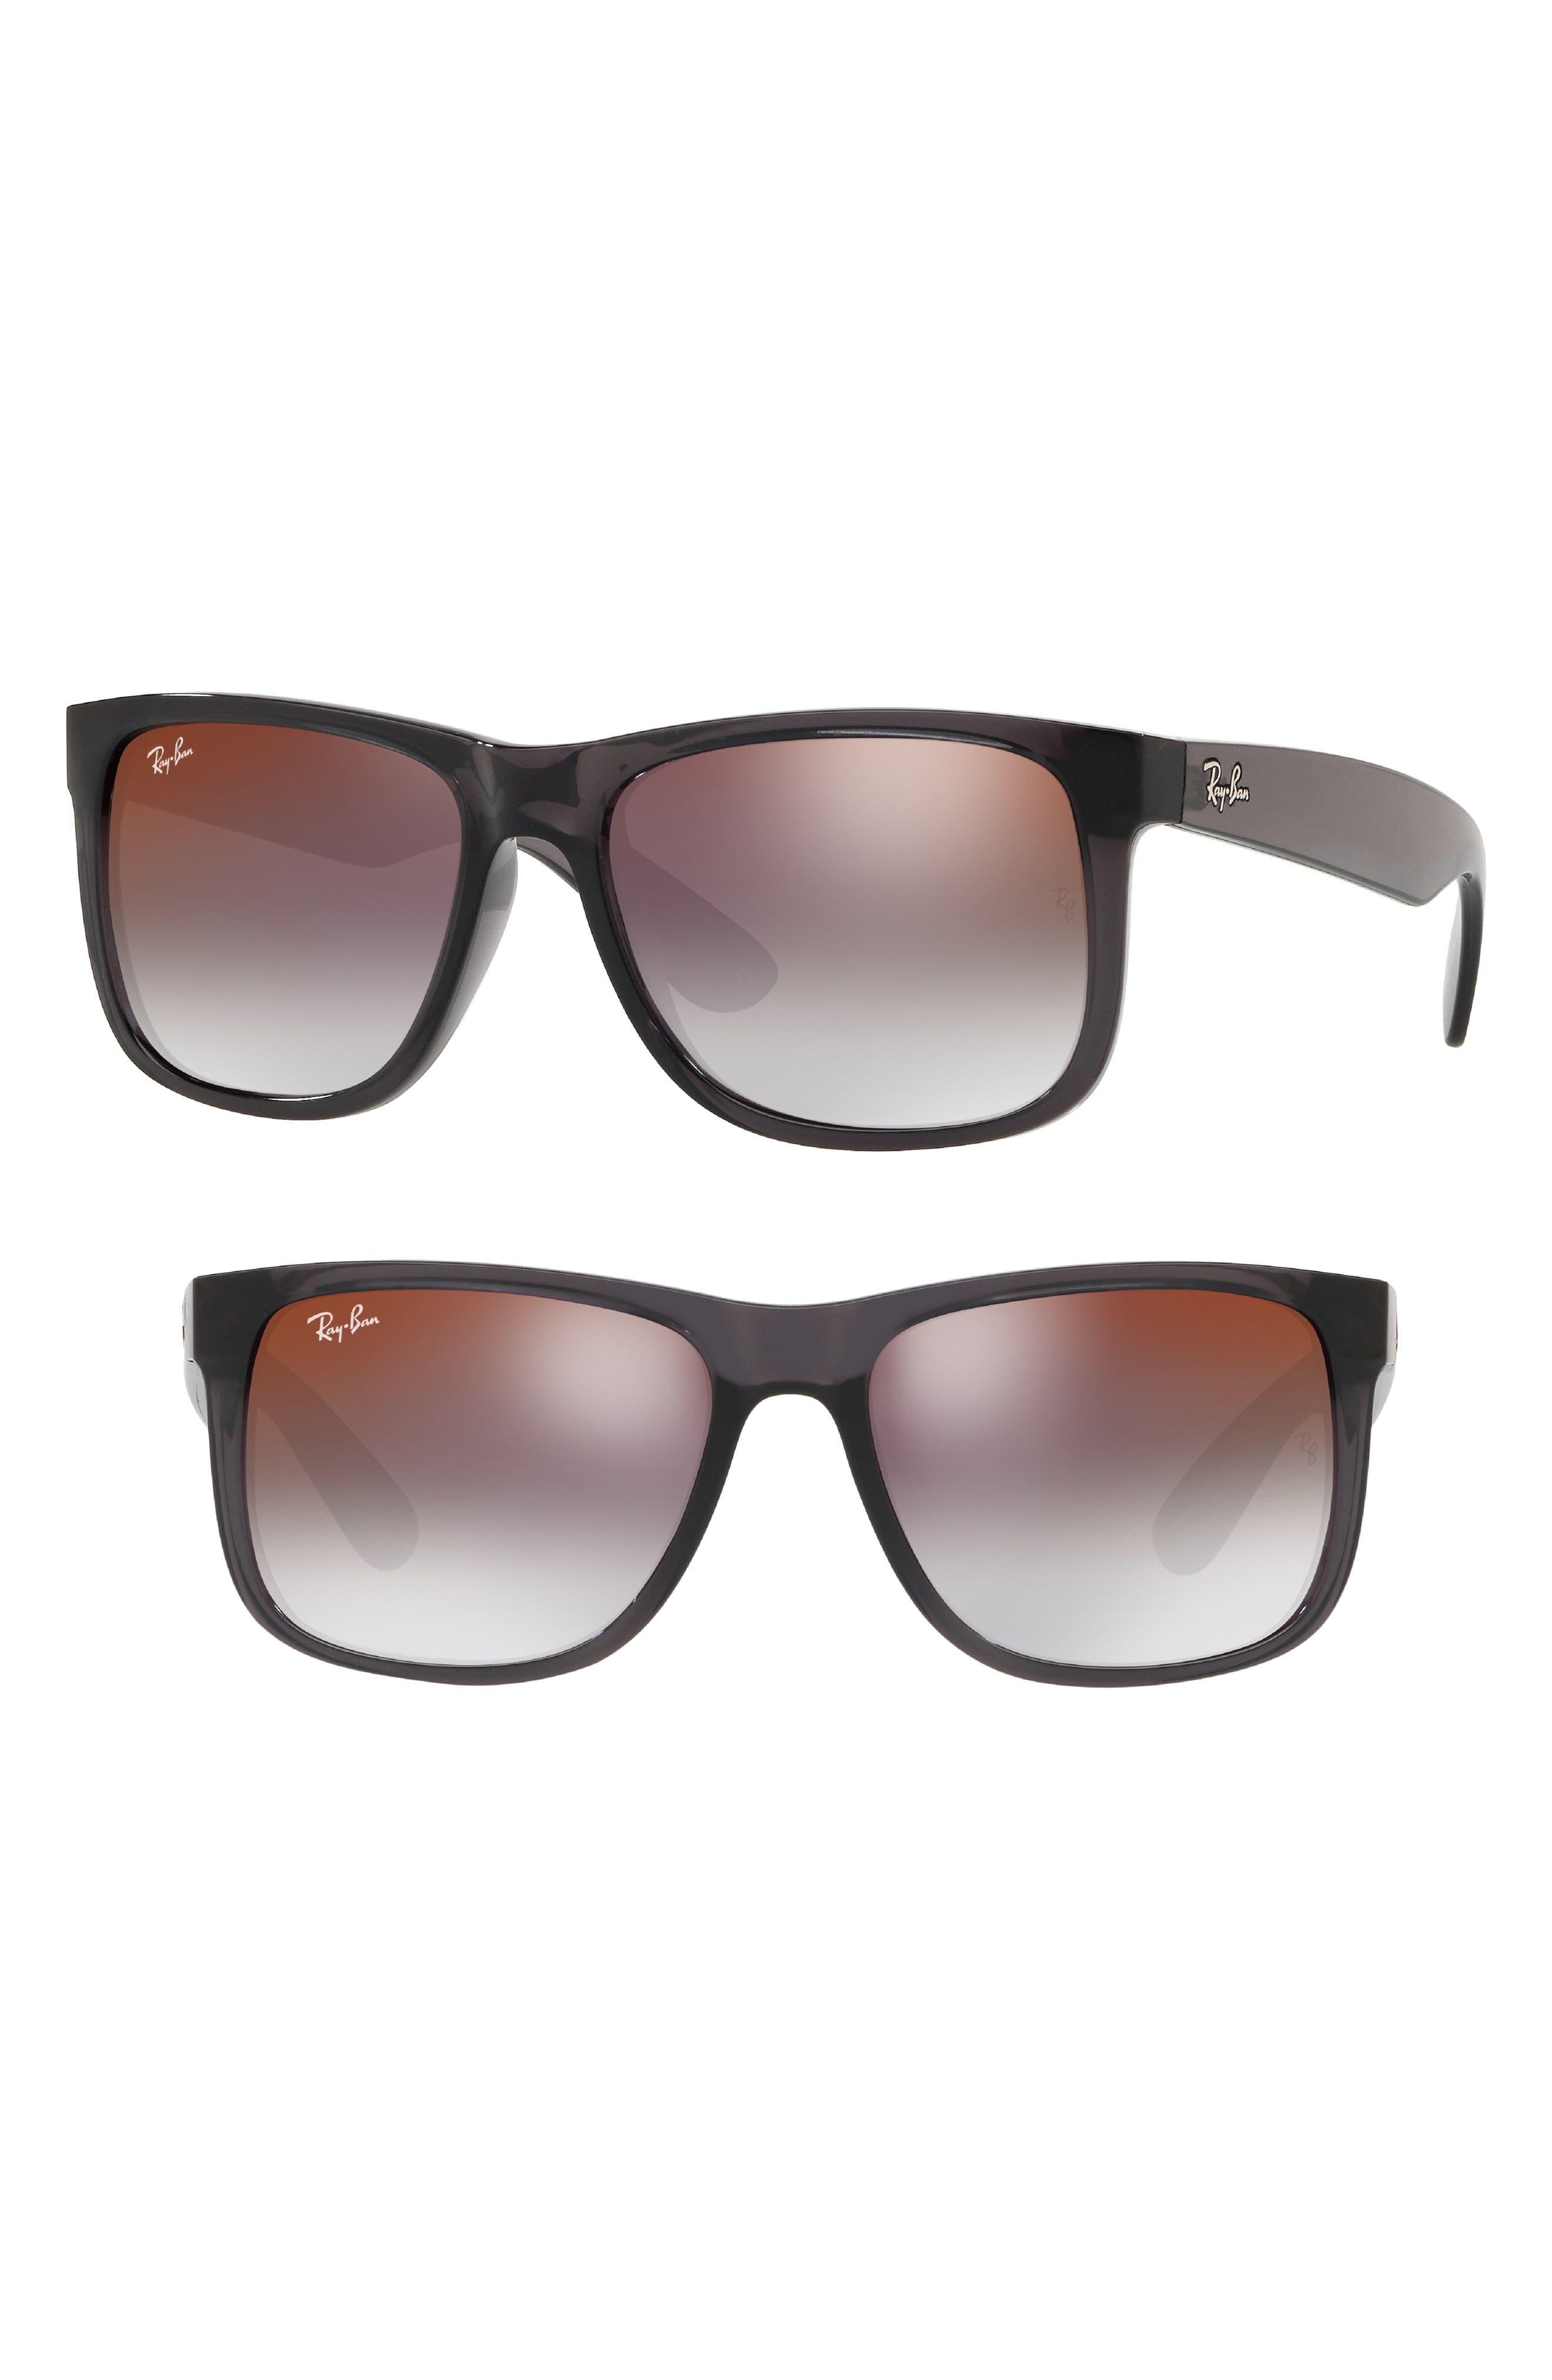 Ray-Ban Justin 54mm Sunglasses